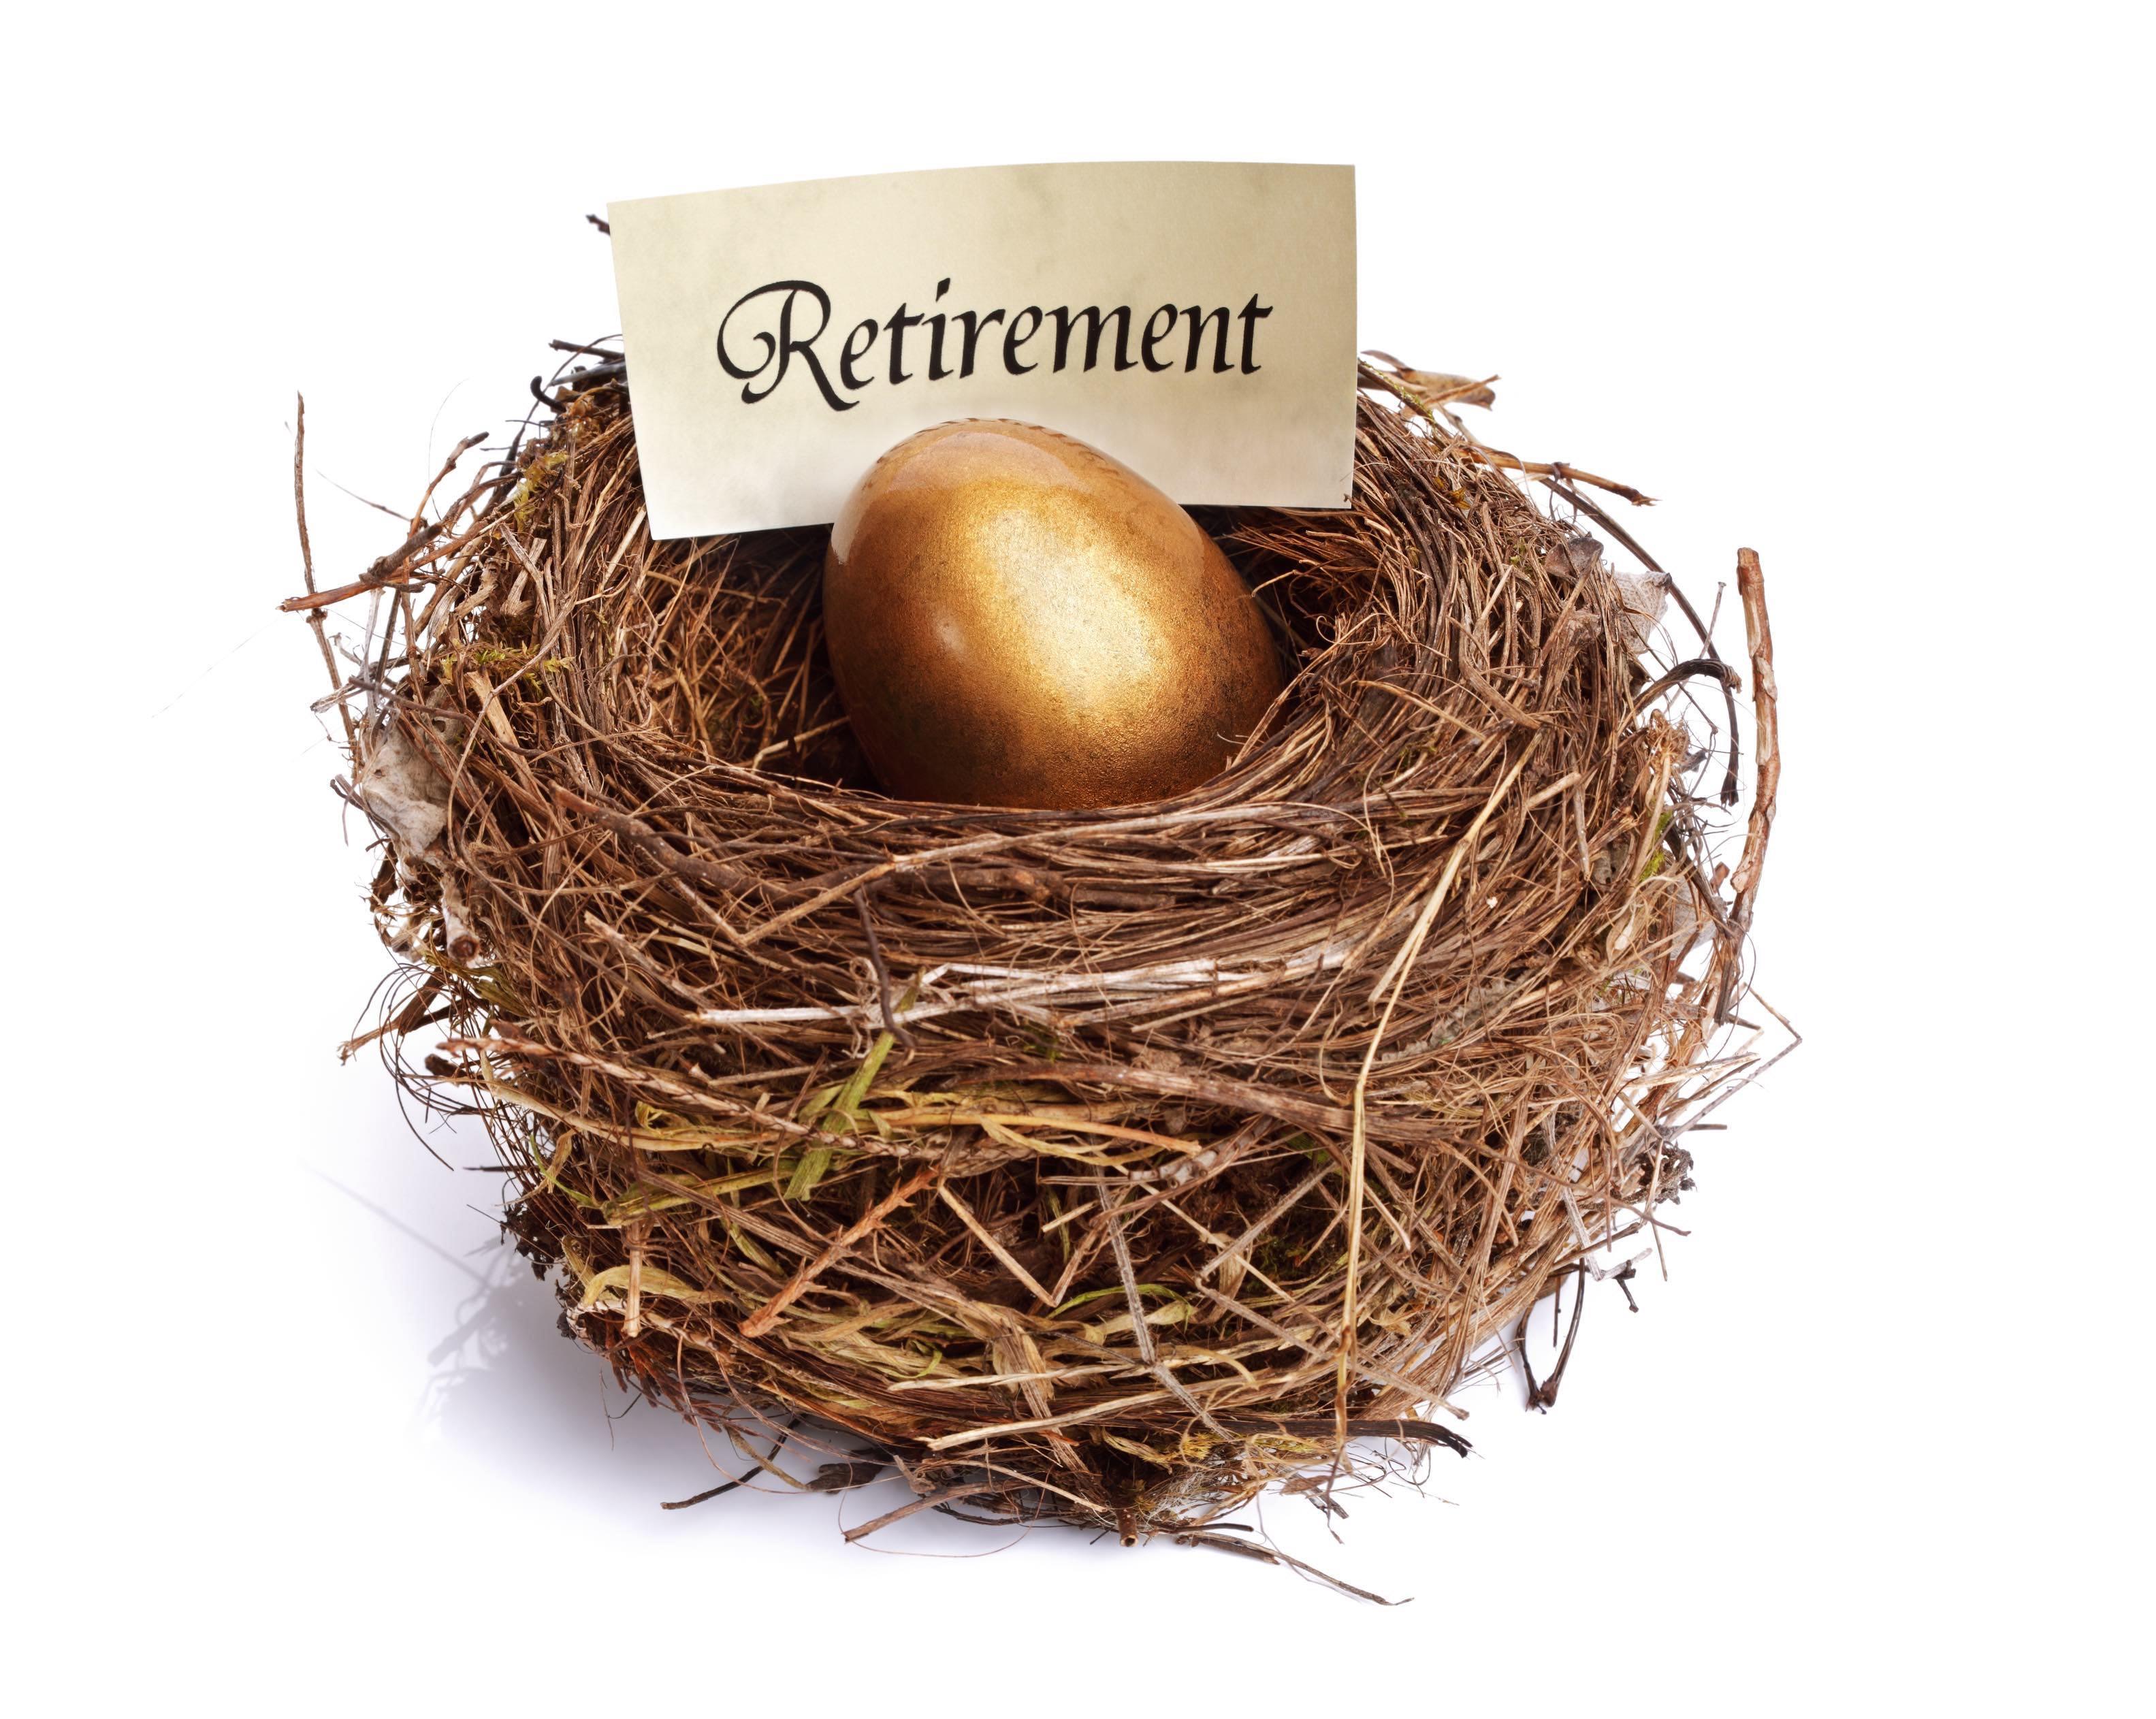 想要像軍公教一樣爽賺退休金?大戶教你四招理財法